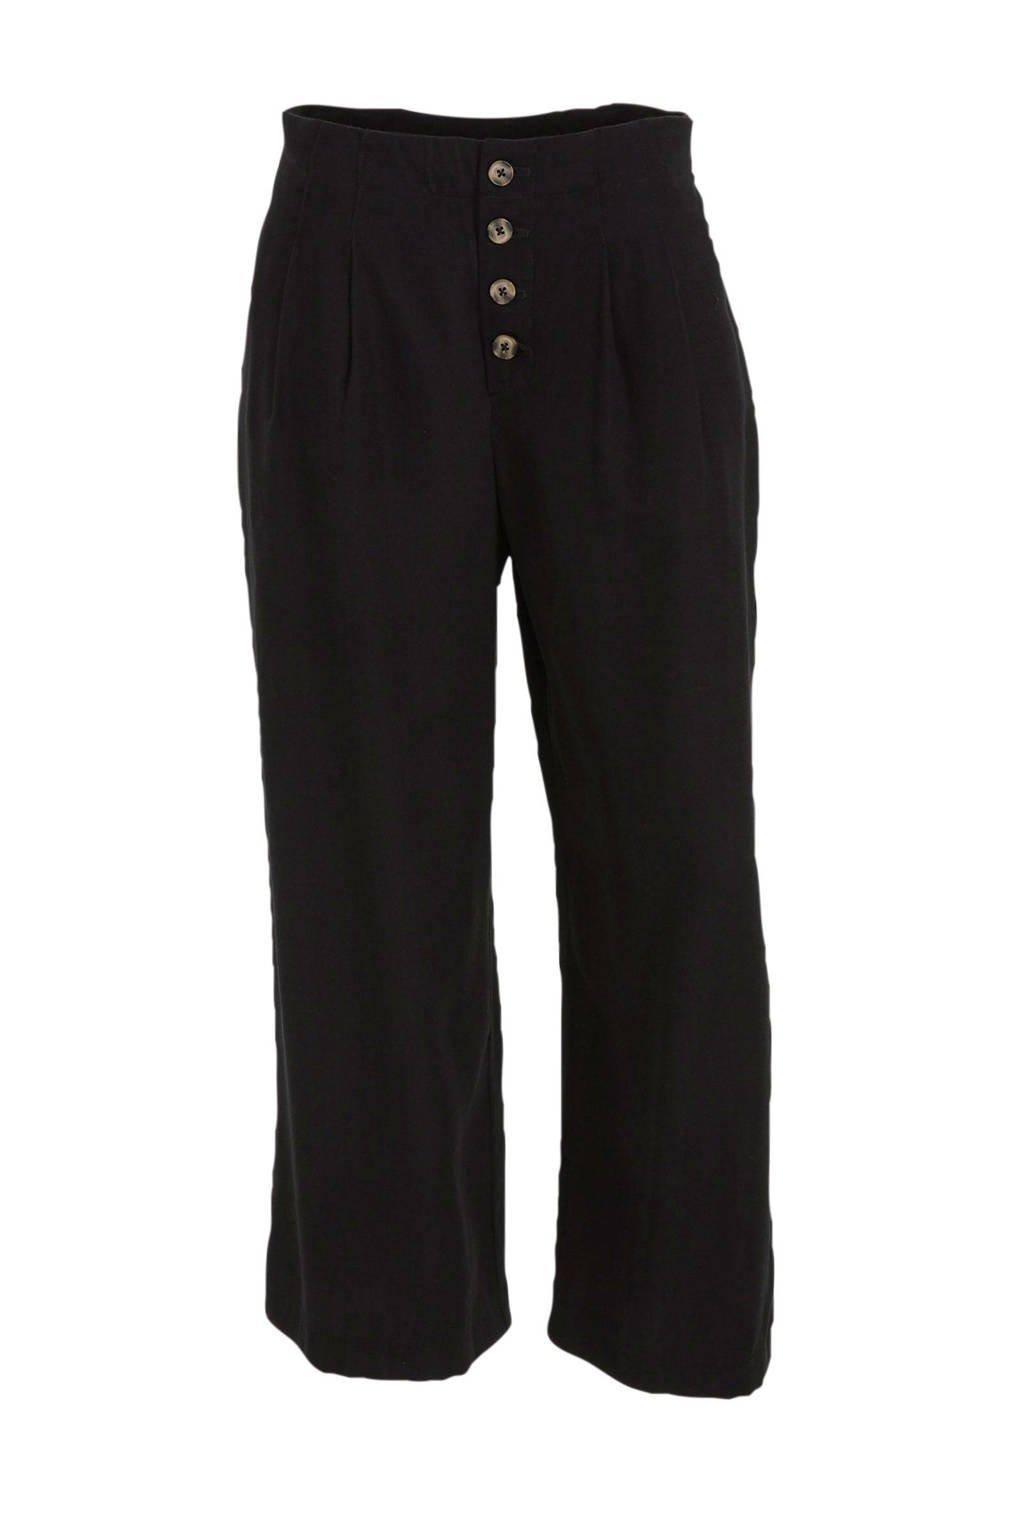 C&A Yessica high waist loose fit broek zwart, Zwart